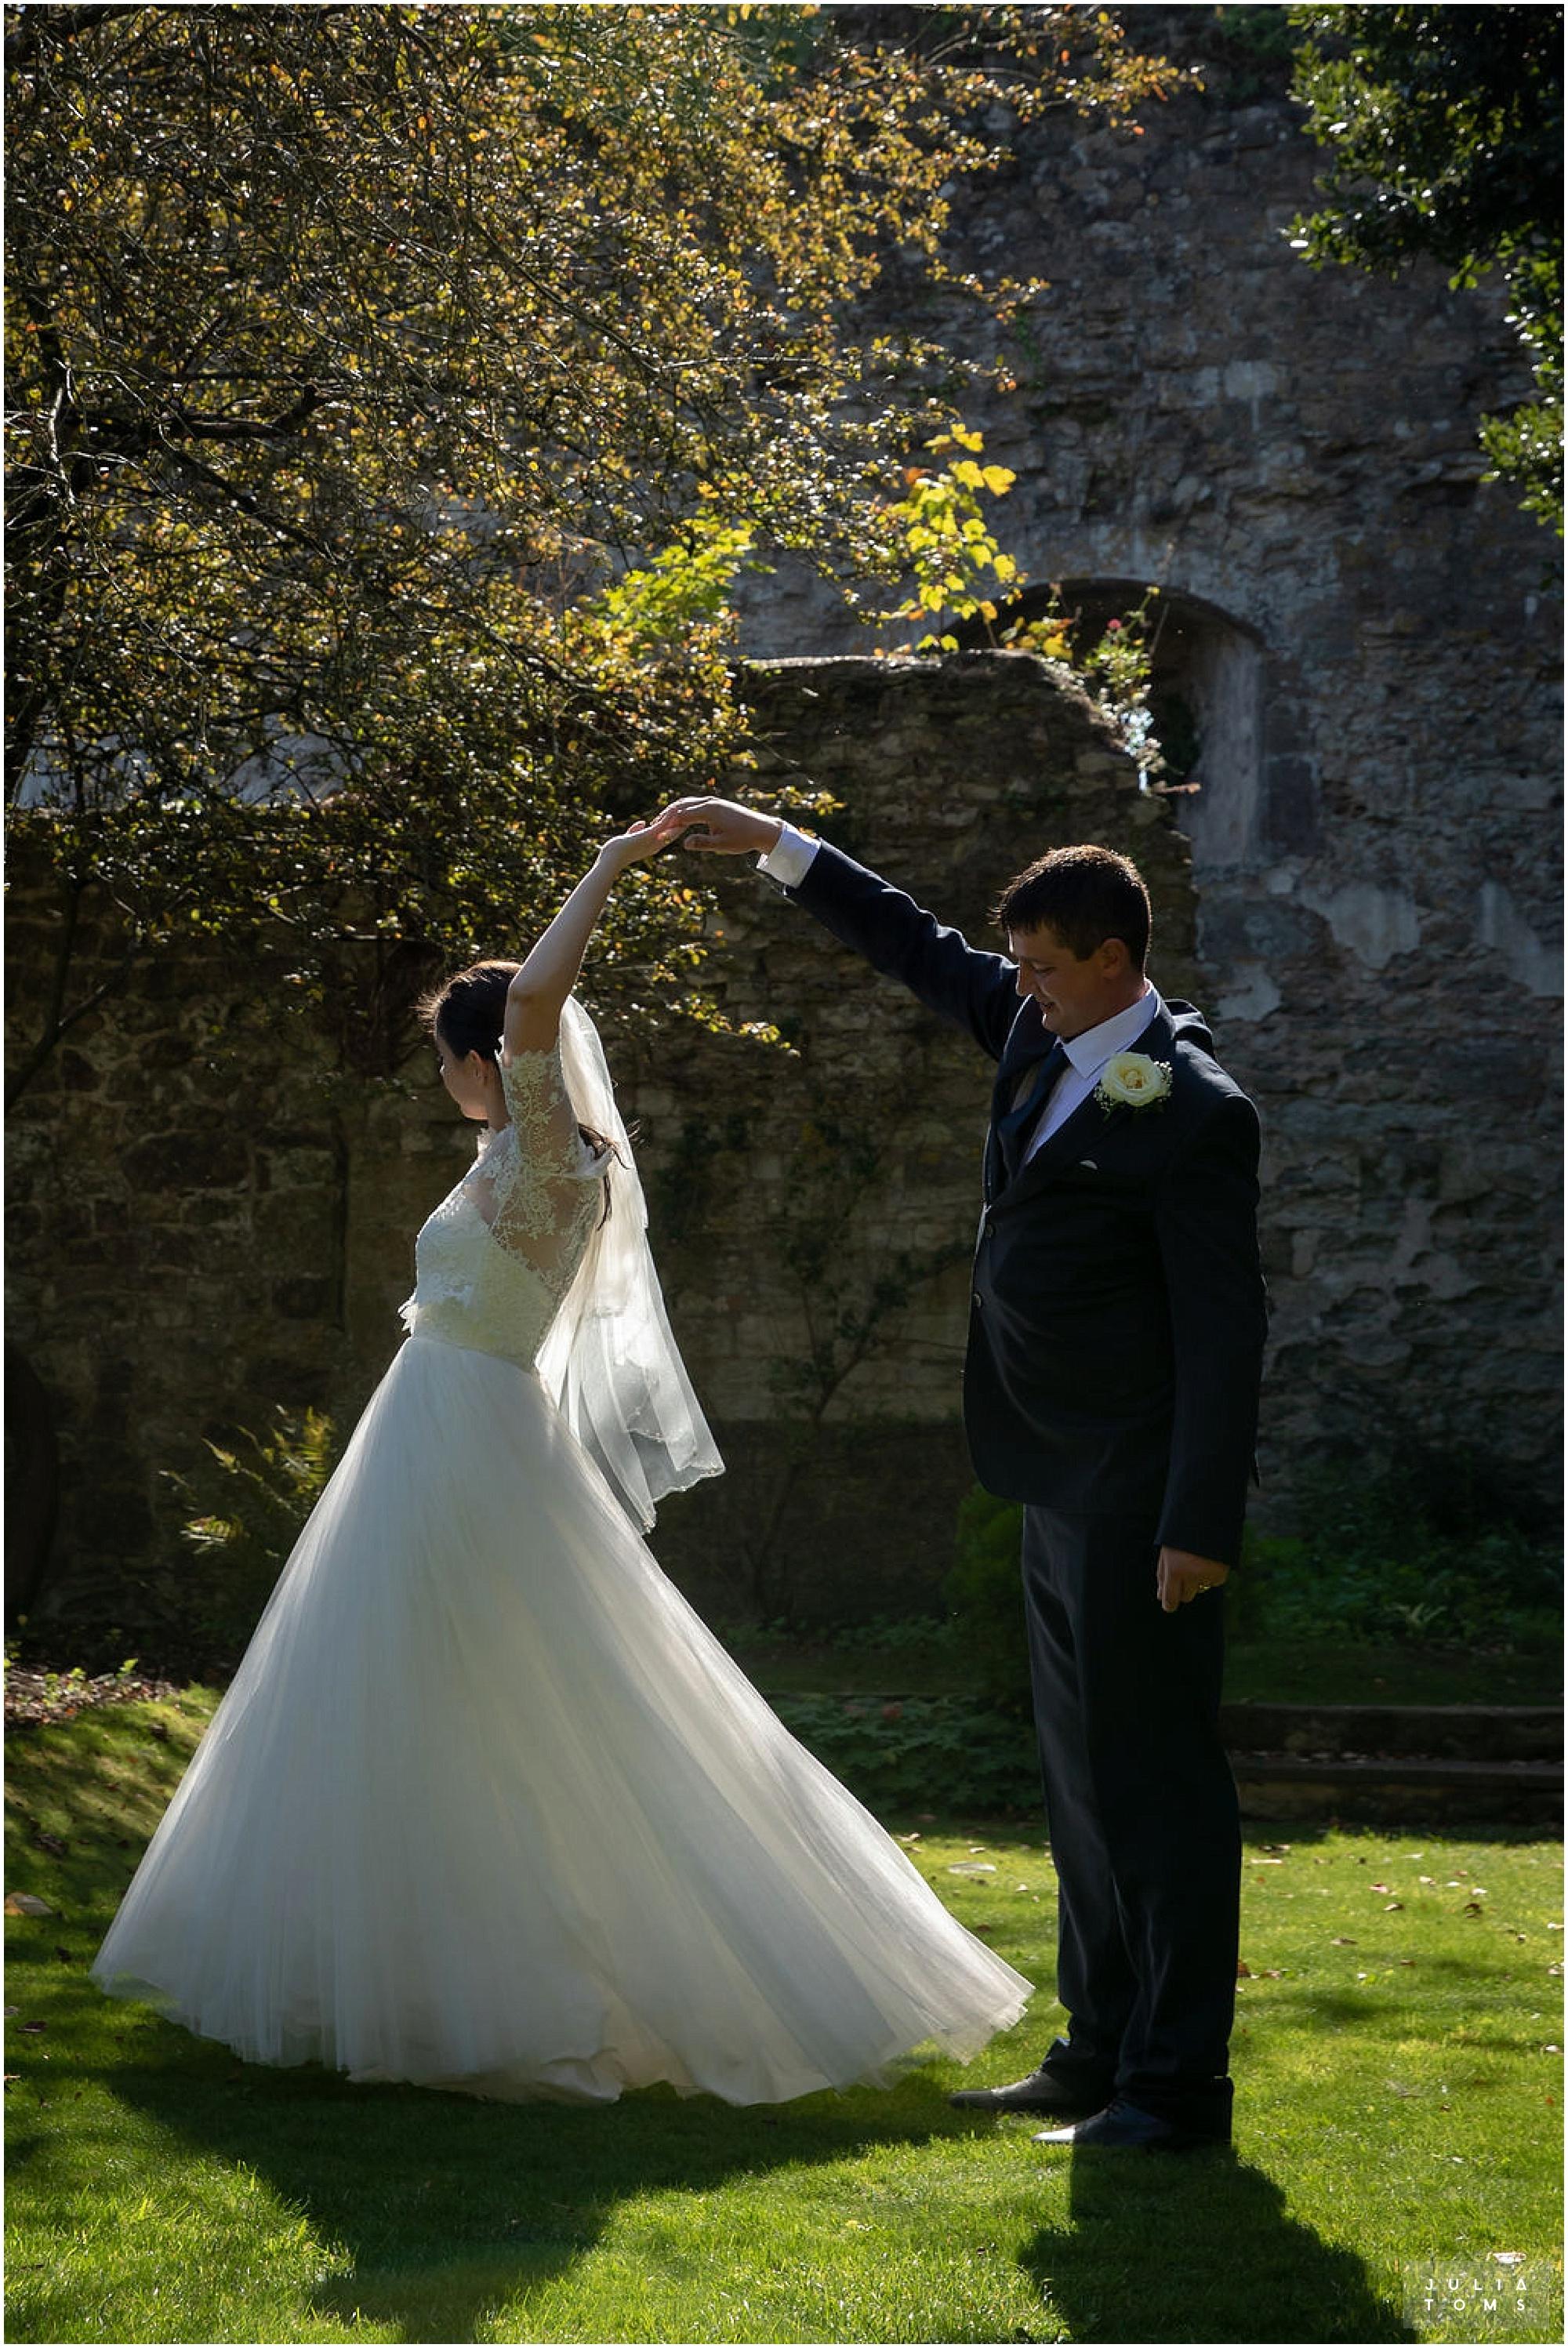 amberley_castle_wedding_photographer_037.jpg